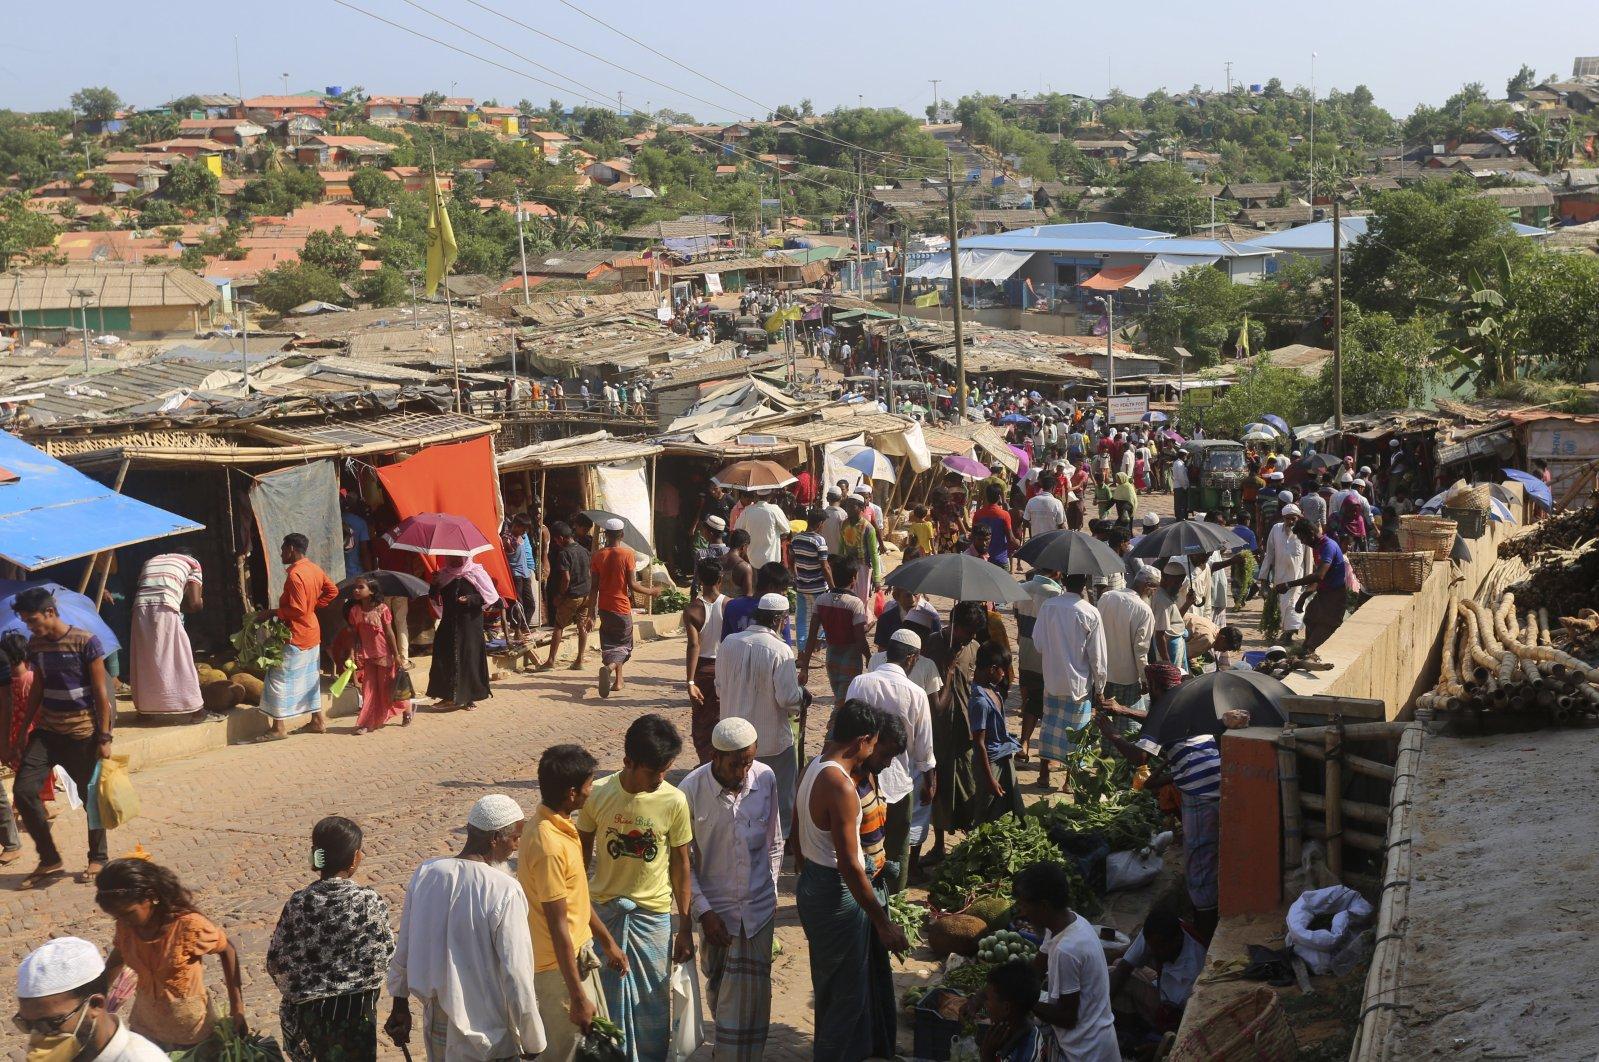 Rohingya refugees shop for vegetables at Kutupalong Rohingya camp bazaar, Cox's Bazar, Bangladesh, May 15, 2020. (AP Photo)